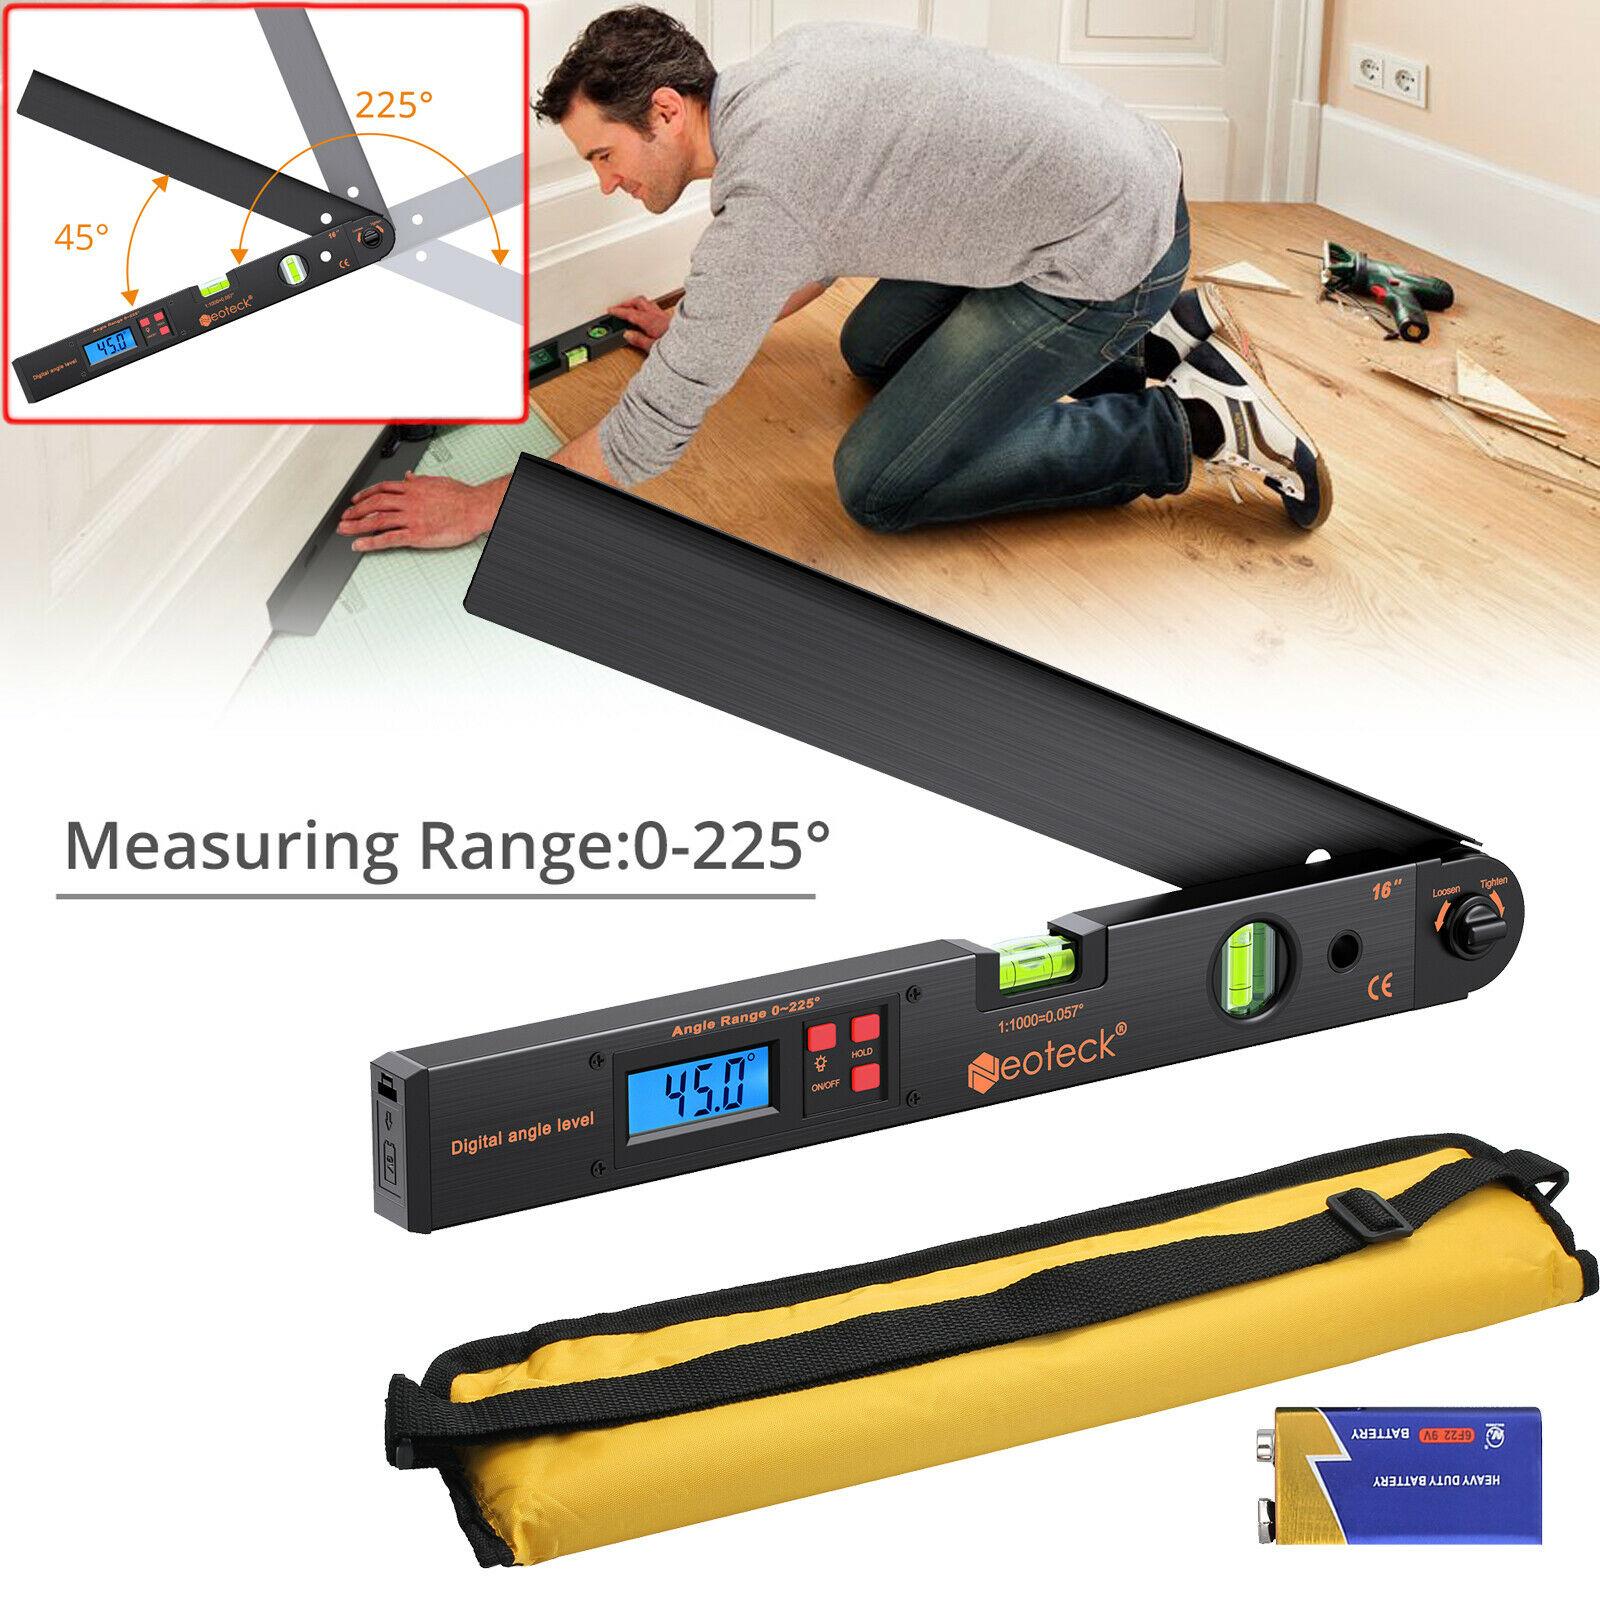 Finder Protractor Measuring Digital Angle Ruler 0-225° Meter Gauge Goniometer